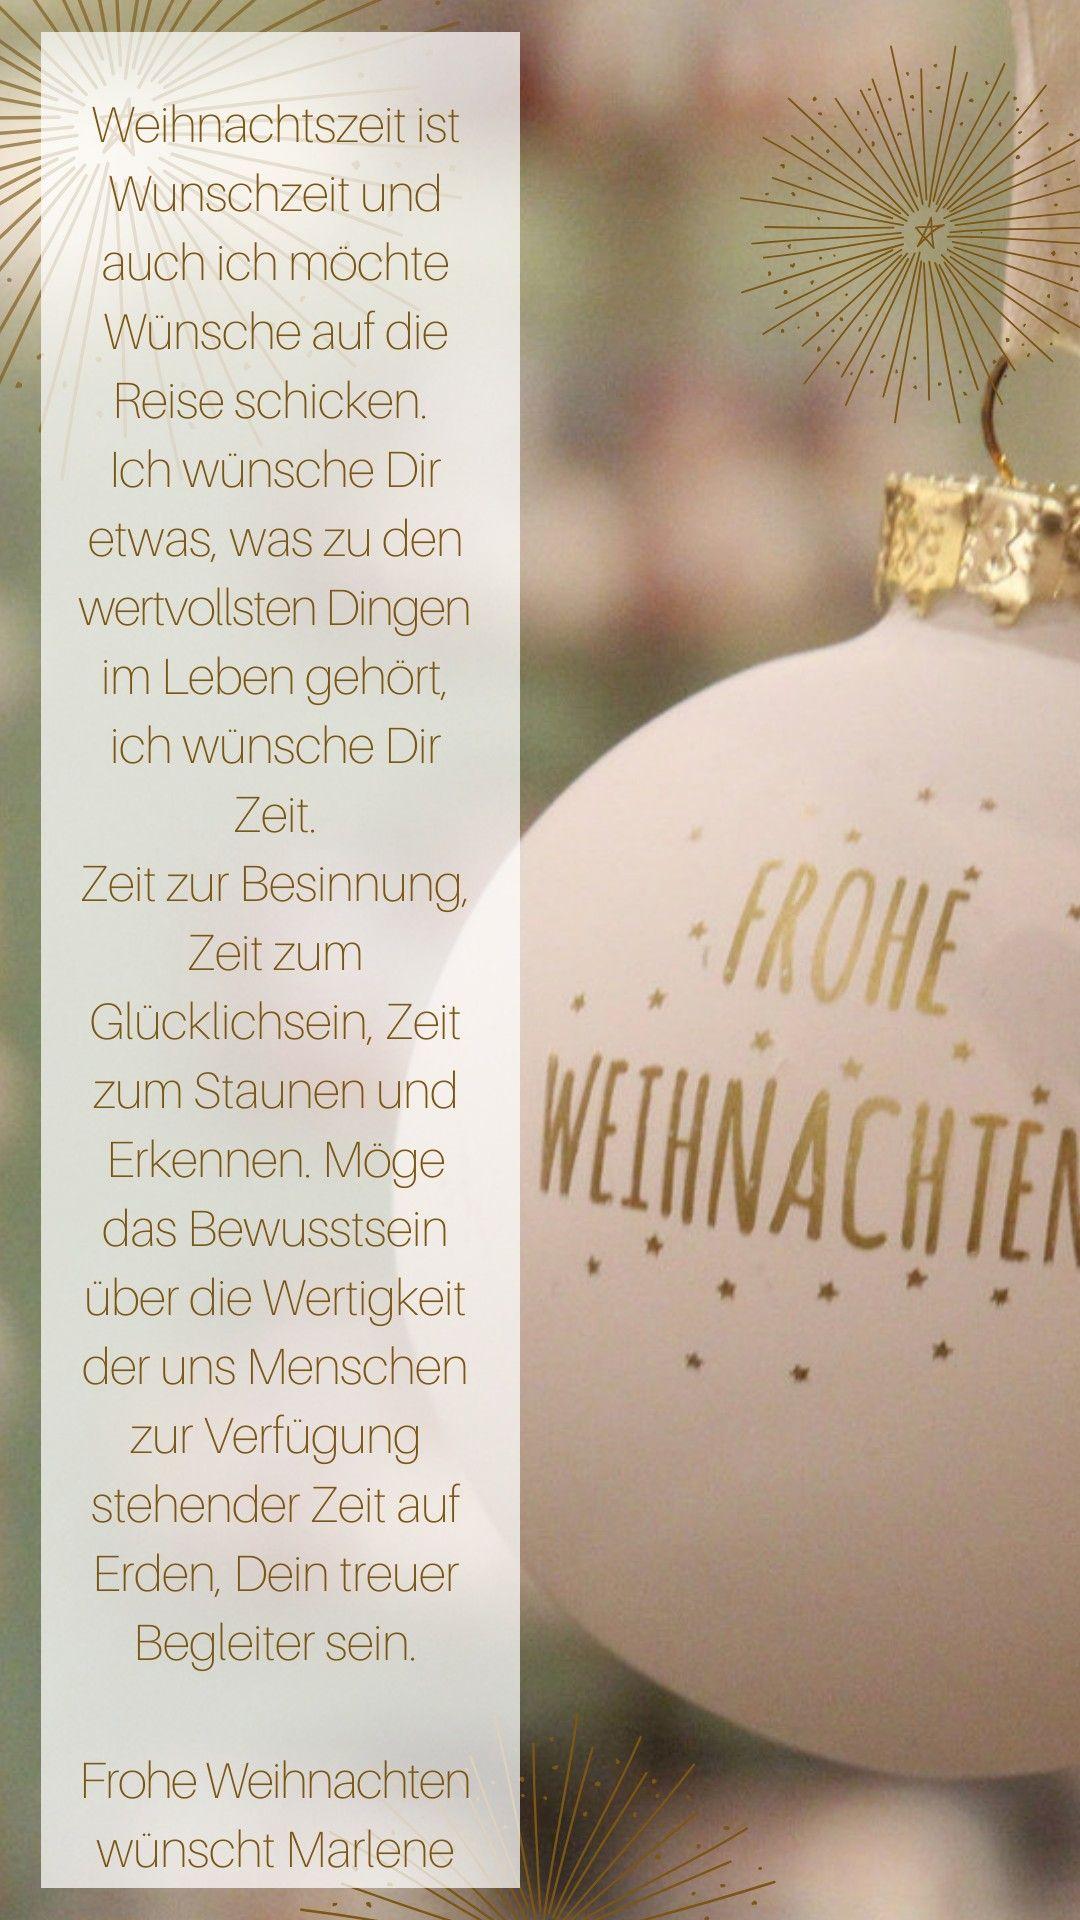 Ich Wünsche Dir Frohe Weihnachten Französisch.Frohe Weihnachten Wünsche Ich Dir